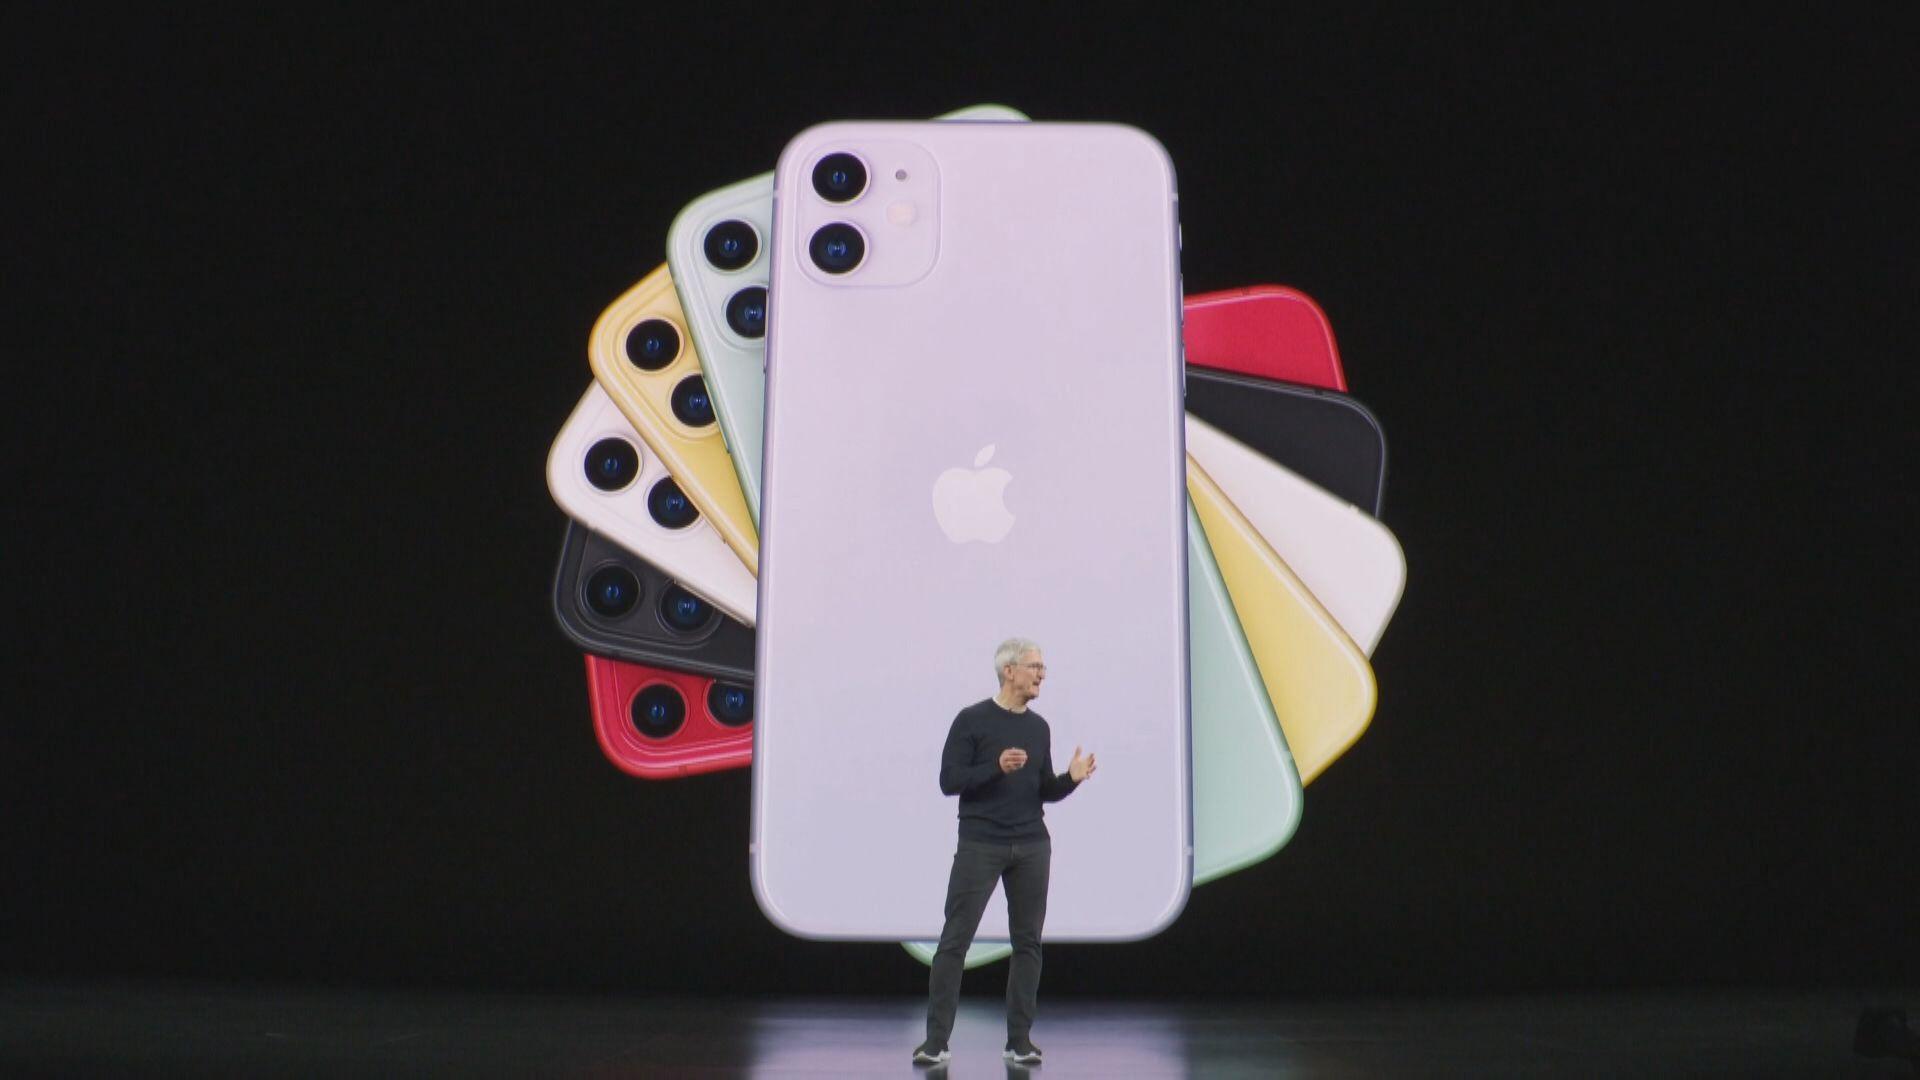 蘋果評估越南組裝iPhone可能性